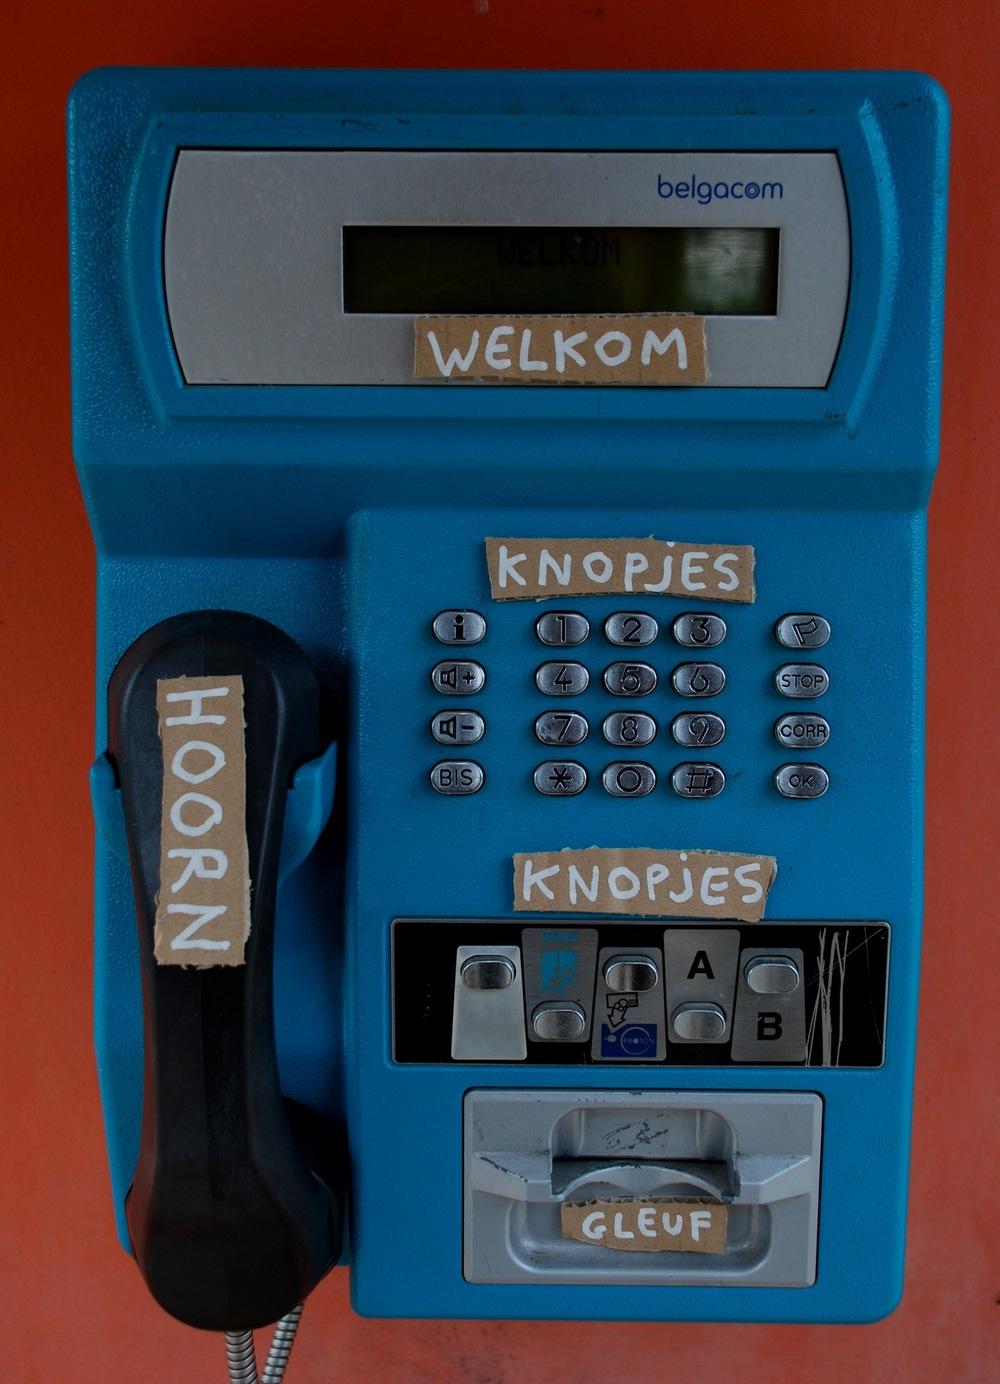 benoemproject 1. telefoonhok welkom.jpg